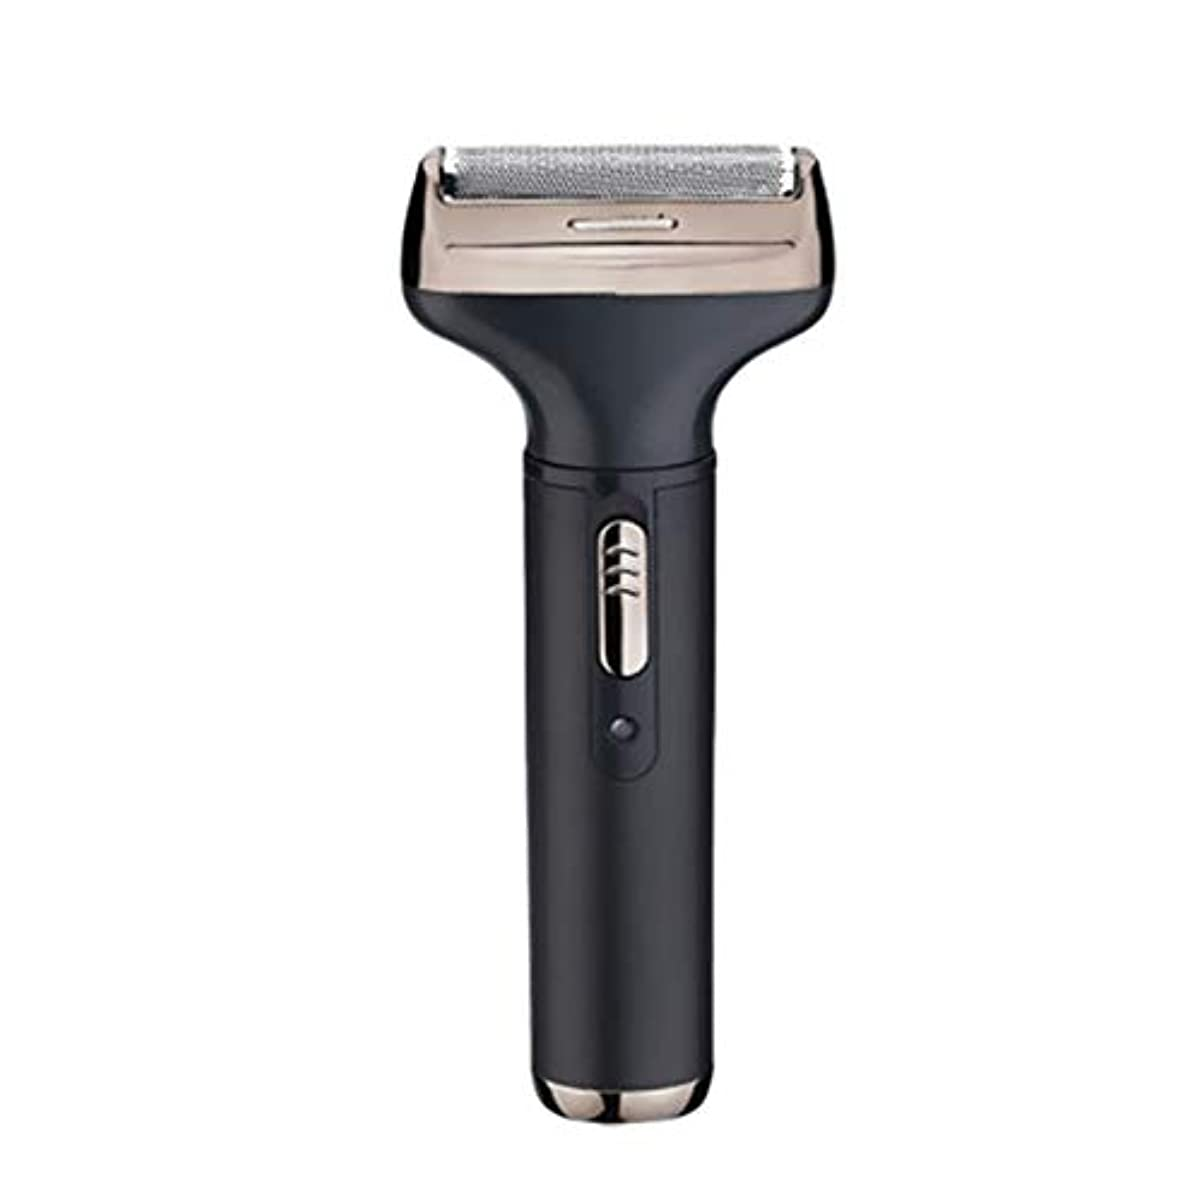 ラバお風呂を持っているコテージ電動鼻毛トリマーのワンボタンデザインは、使いやすく快適で使いやすい独自の切断システムにより、鼻から余分な髪を効果的かつ快適に除去します